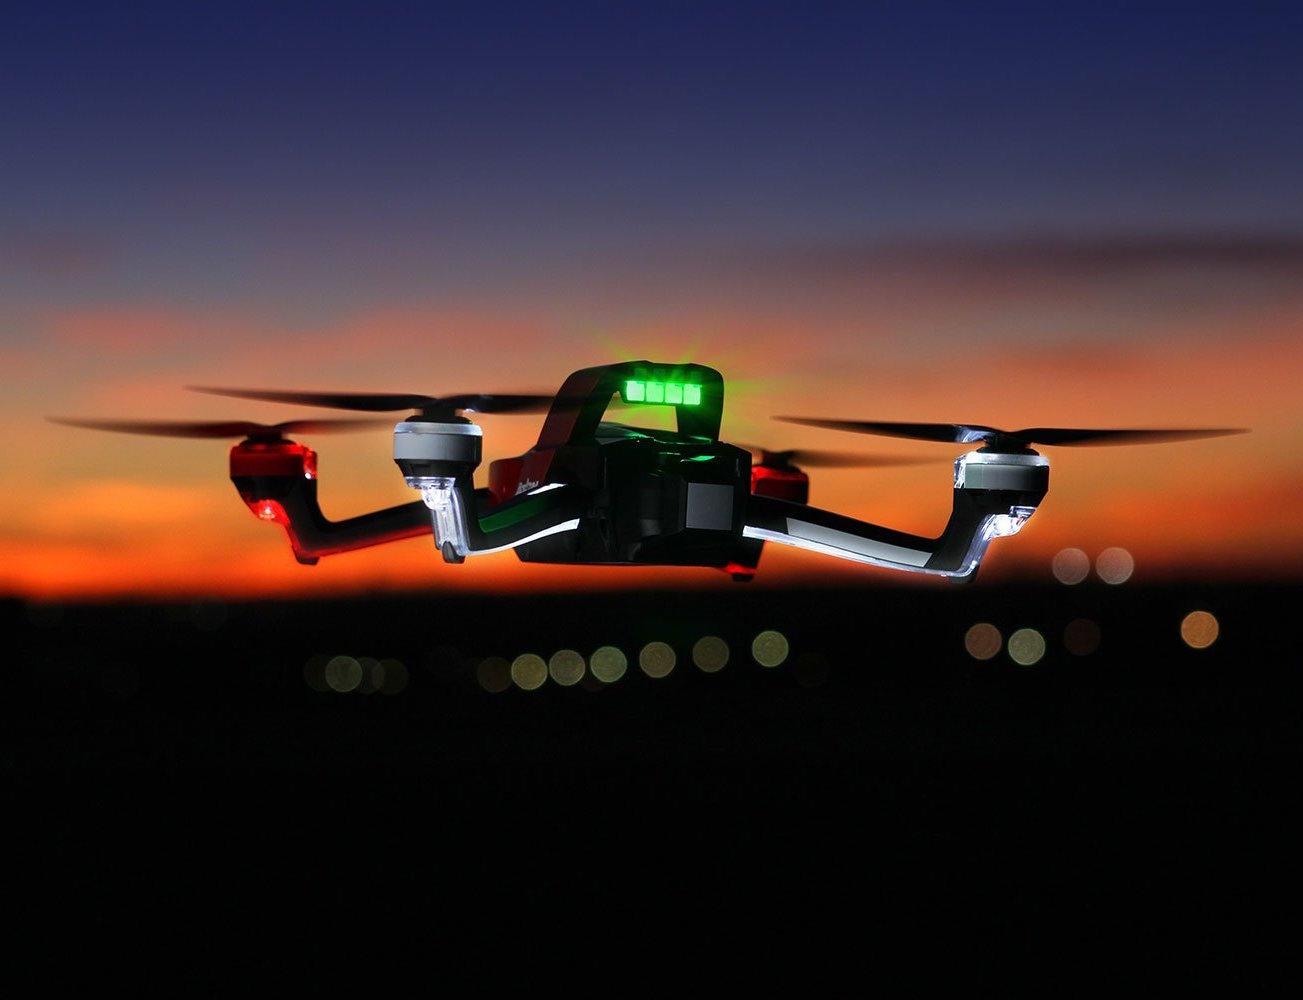 Traxxas+7909+Aton+Quadcopter